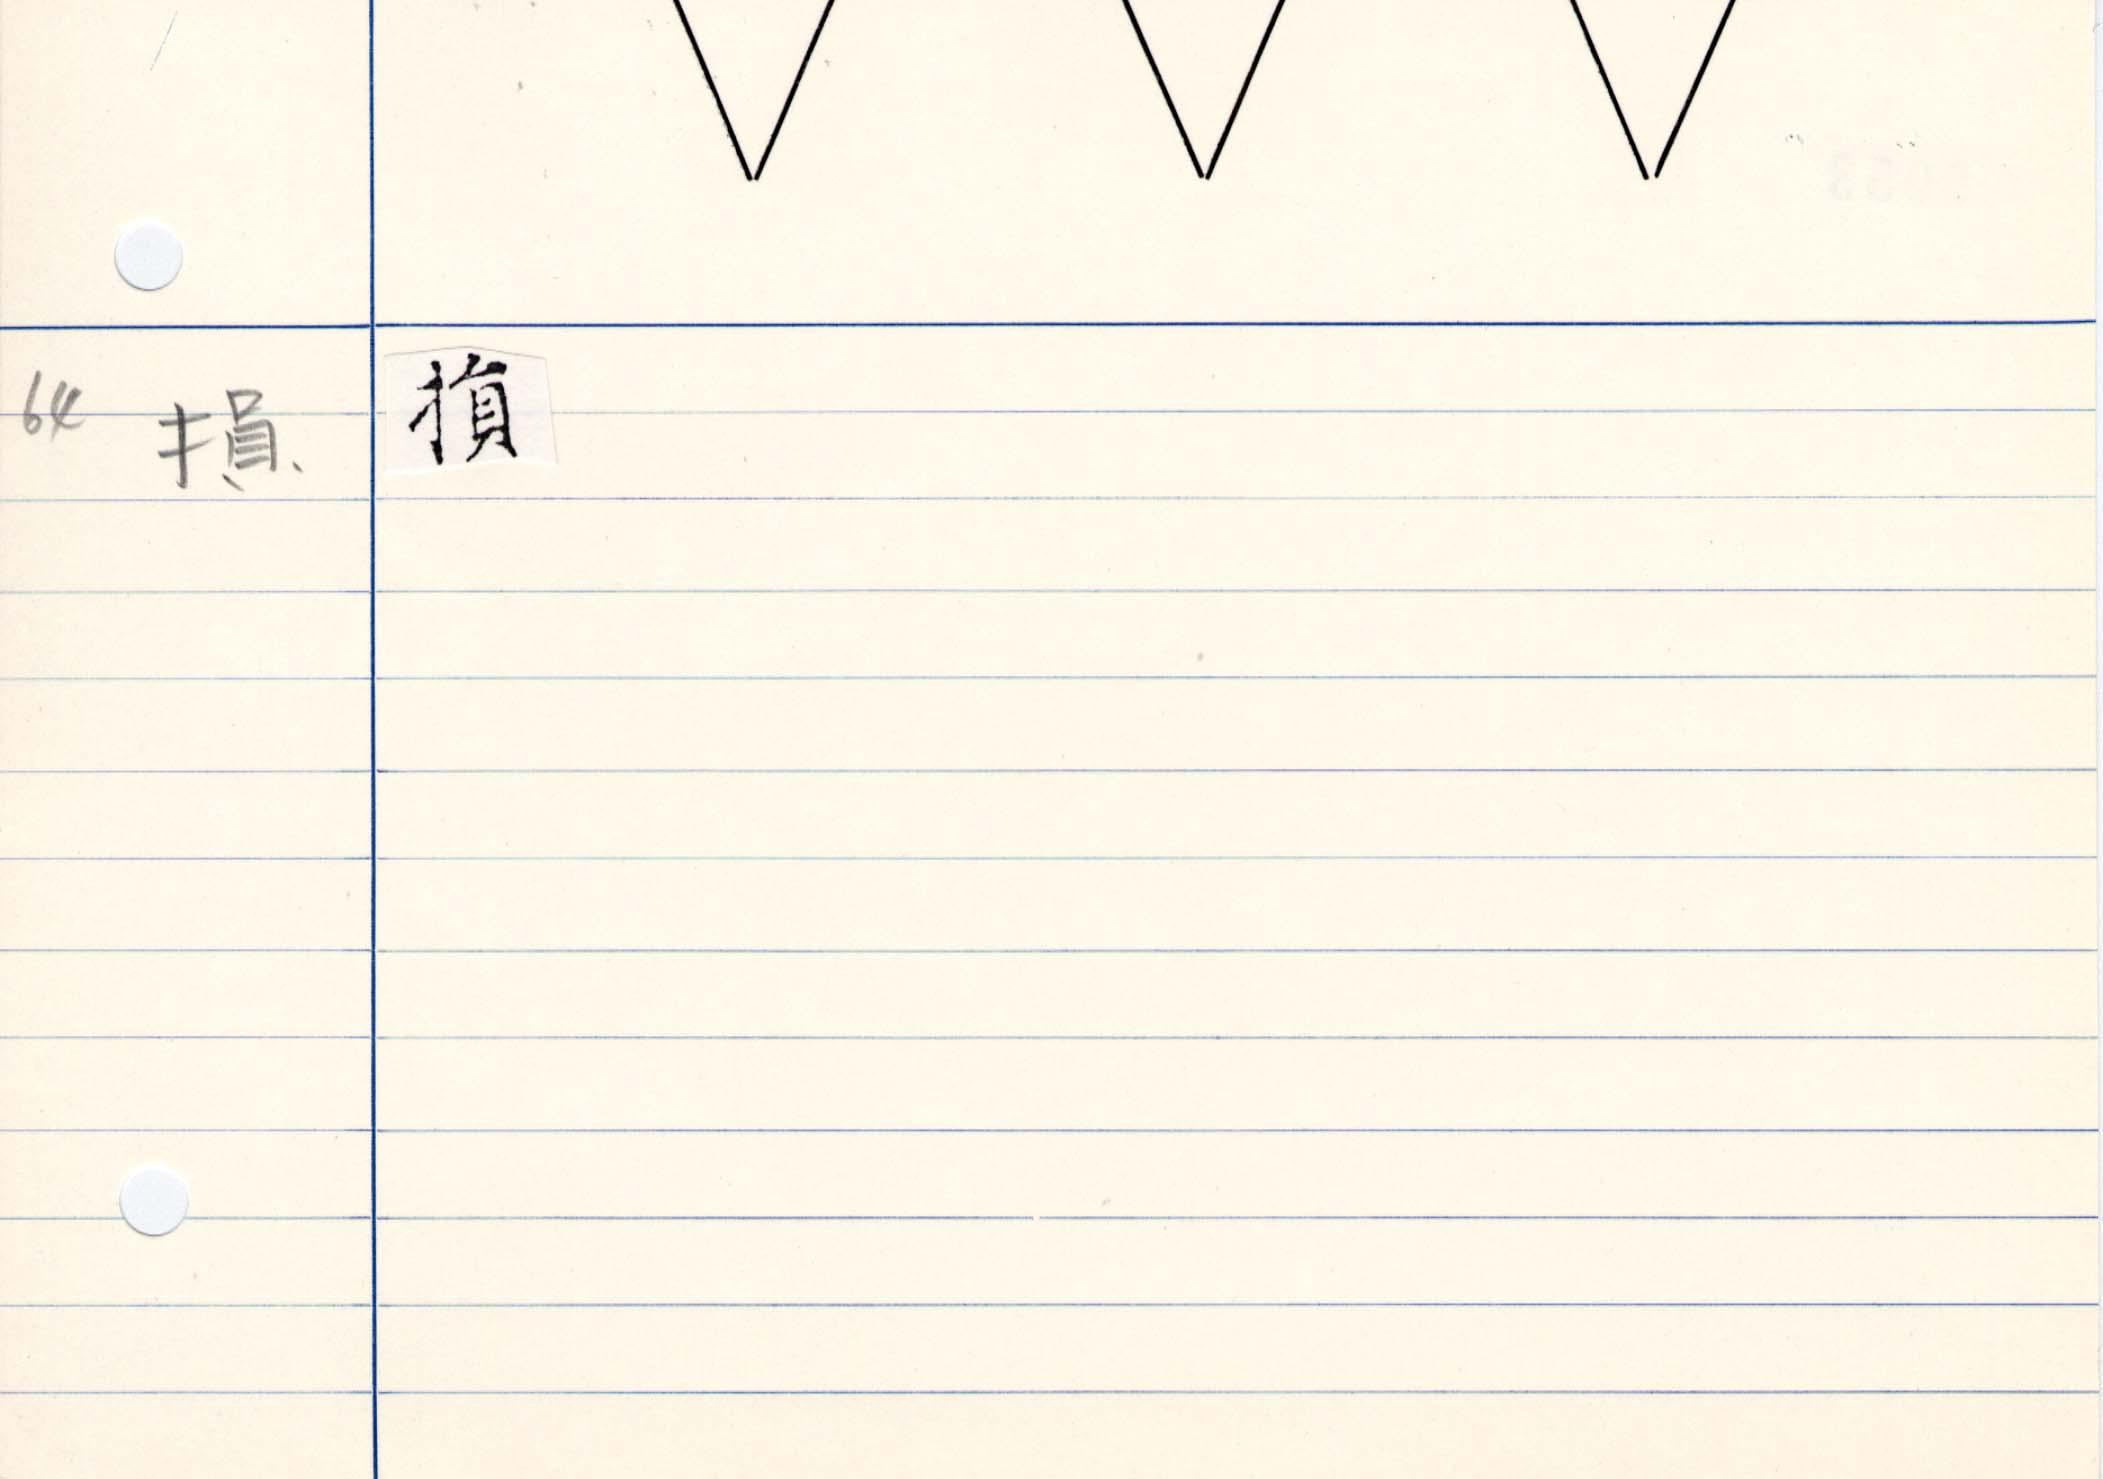 11_妙法蓮華經卷三(守屋本)/cards/0053.jpg